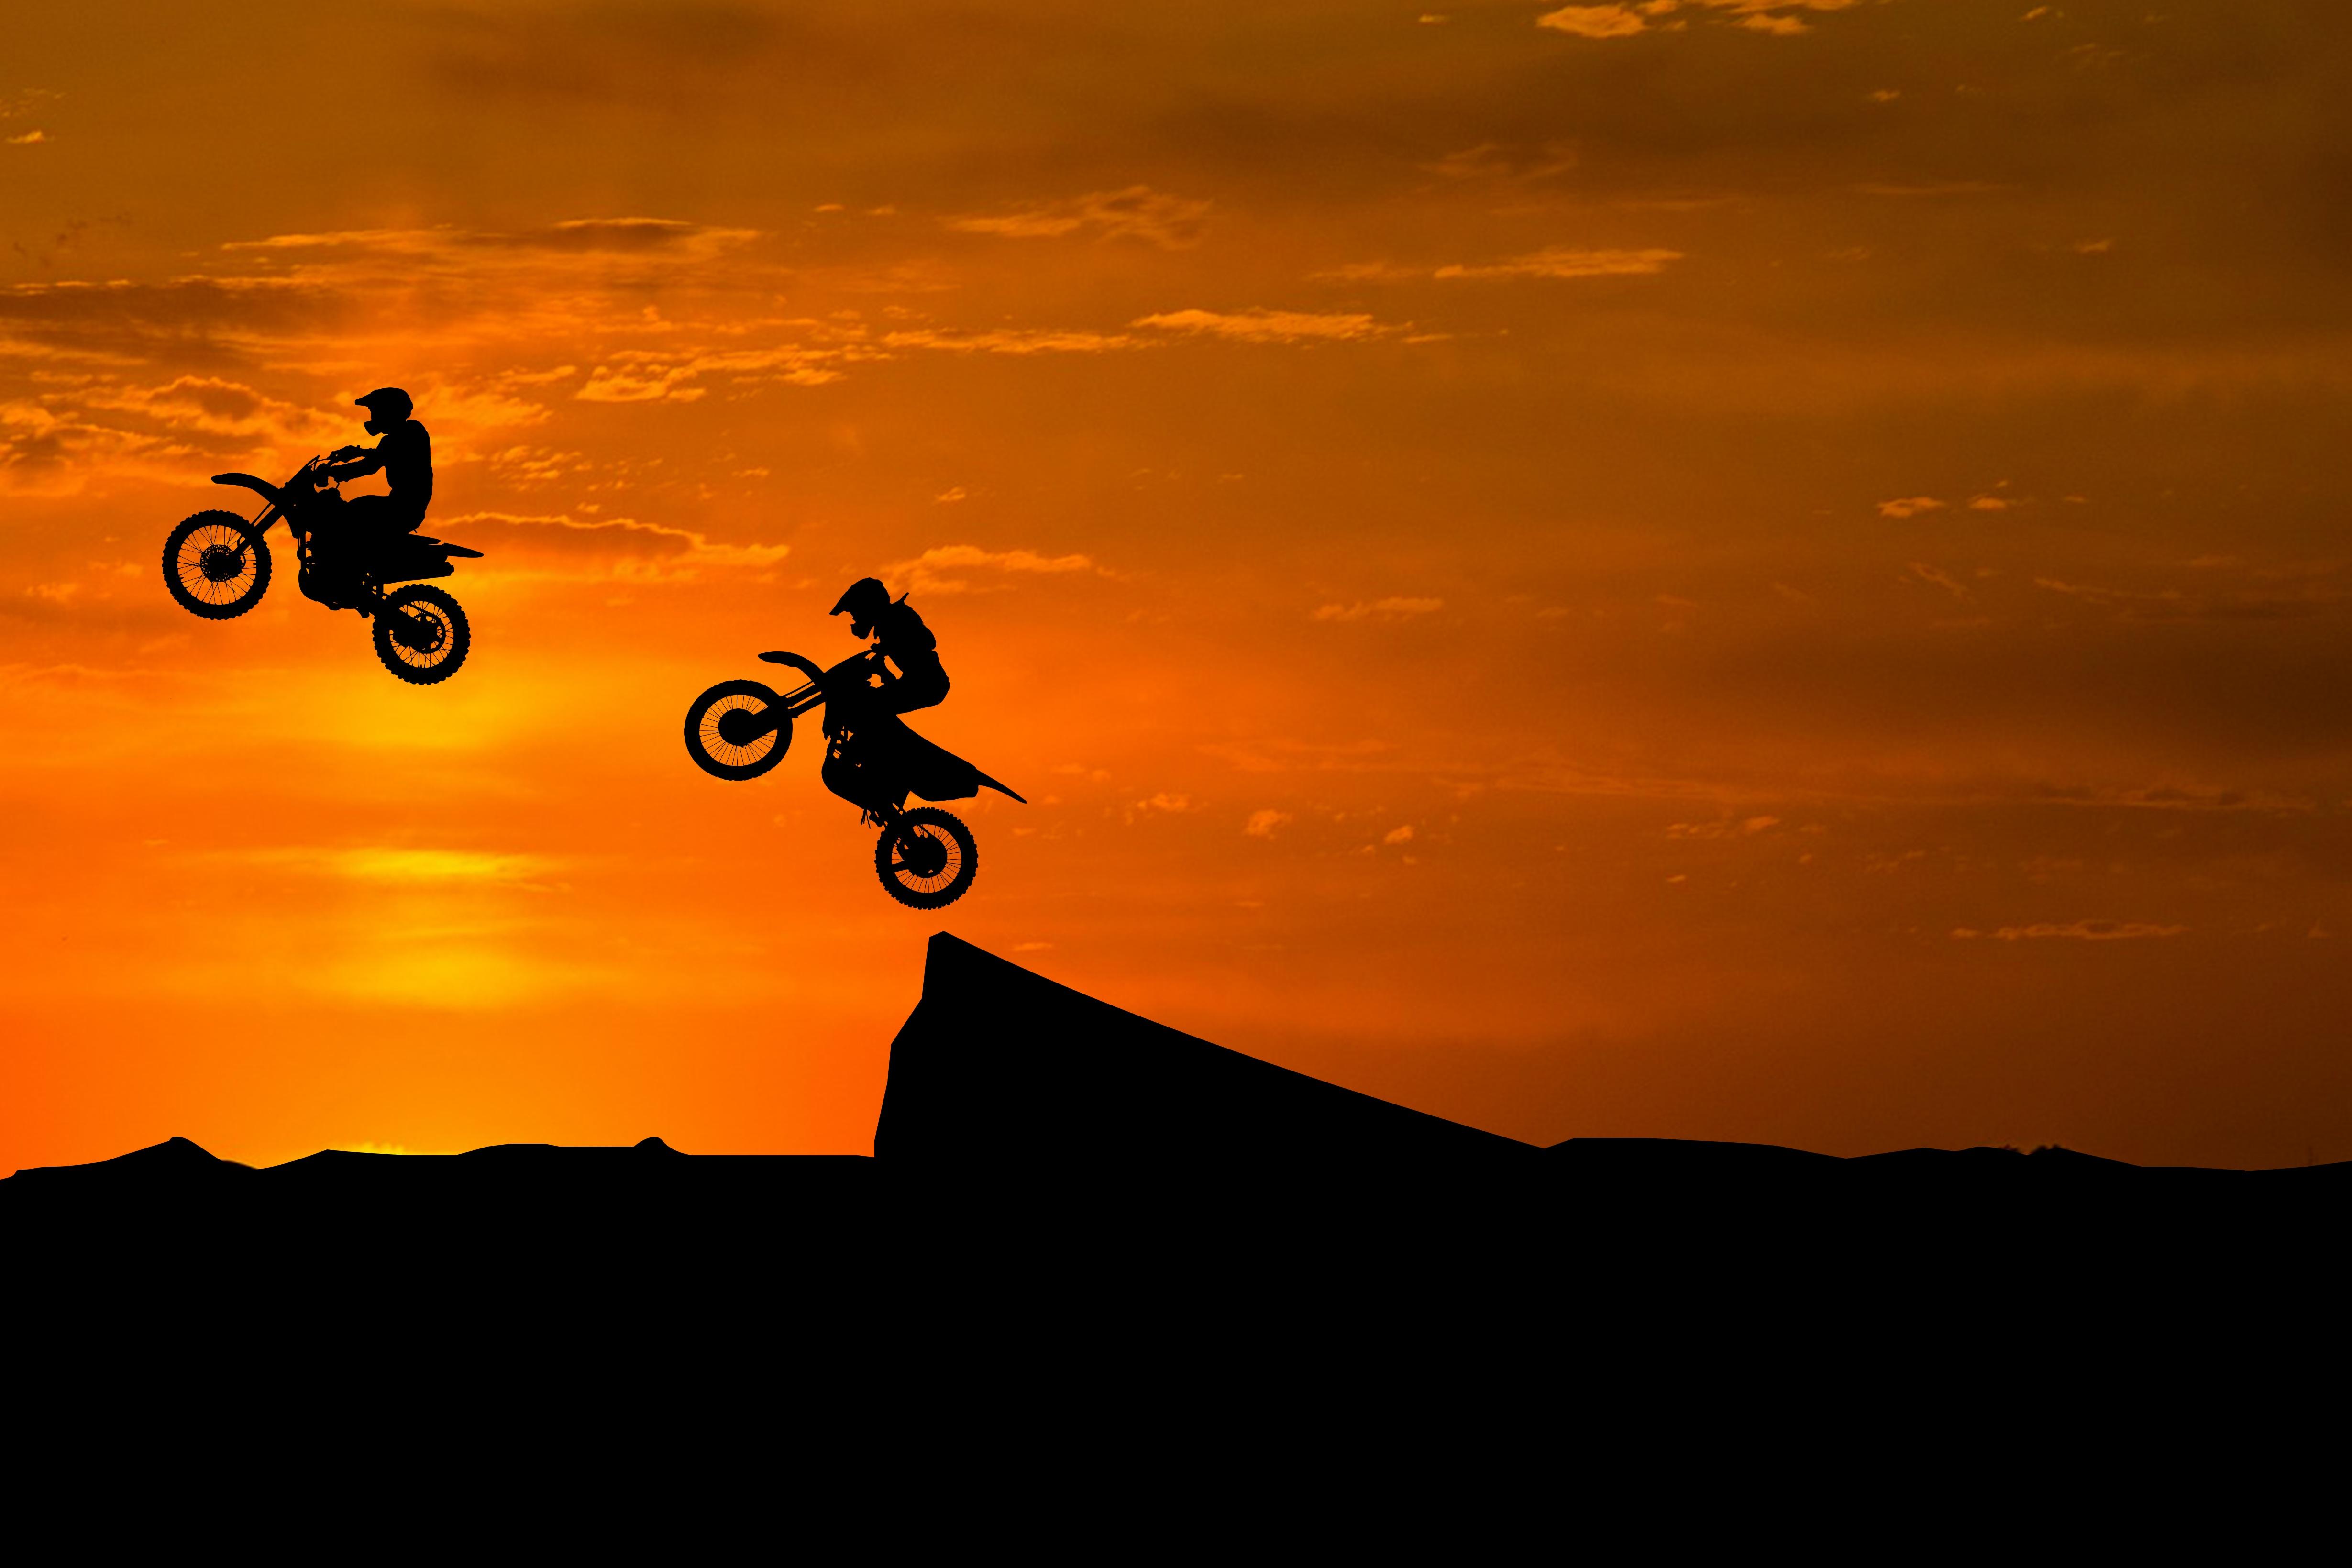 Dirt Bikes Stunts Silhouette Sunset 4K Off roading 4917x3278